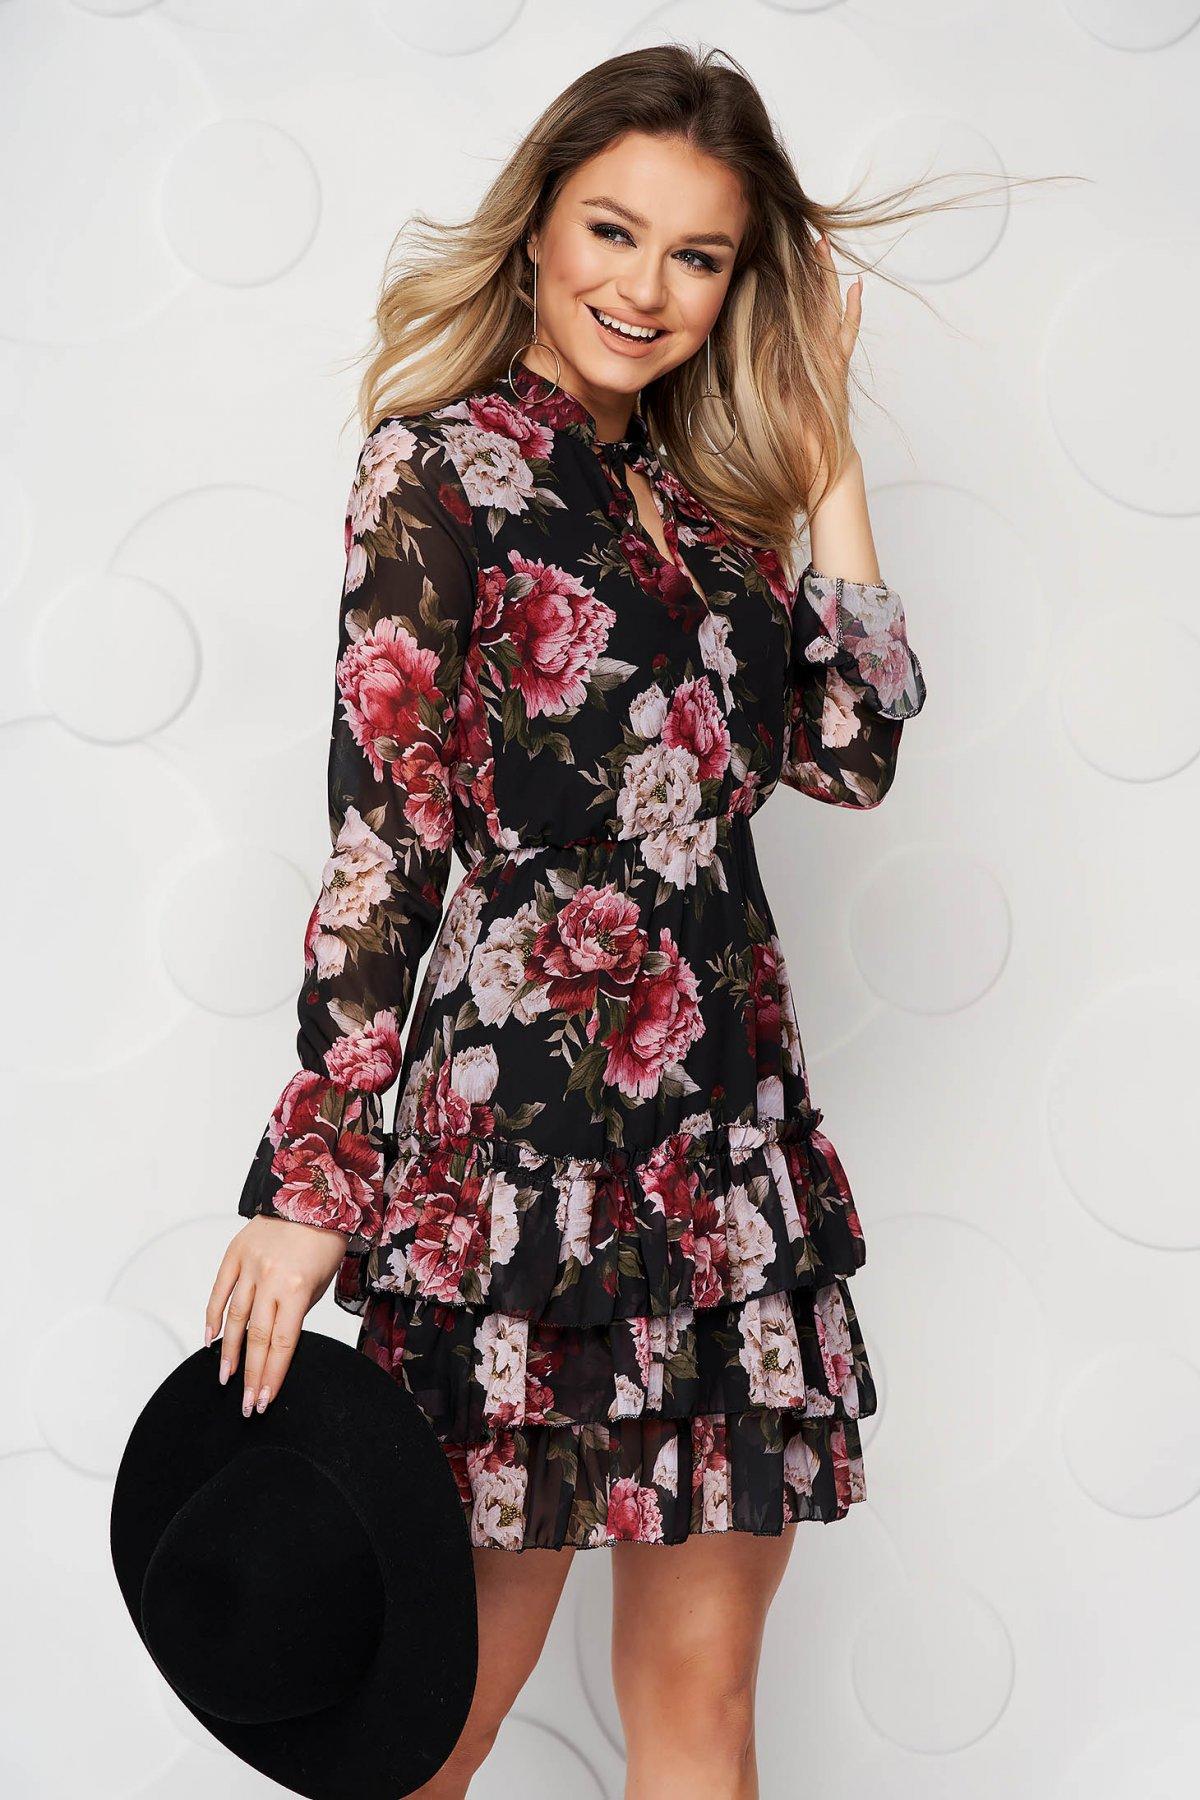 Rochie Sunshine Cu Imprimeu Floral Din Voal In Clos Cu Elastic In Talie Captusita Pe Interior